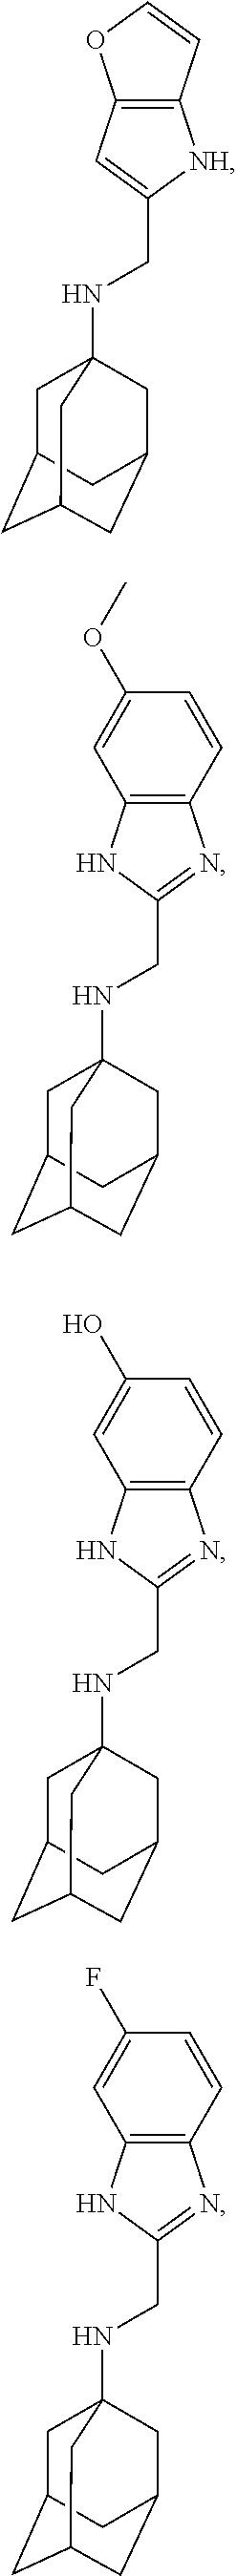 Figure US09884832-20180206-C00202